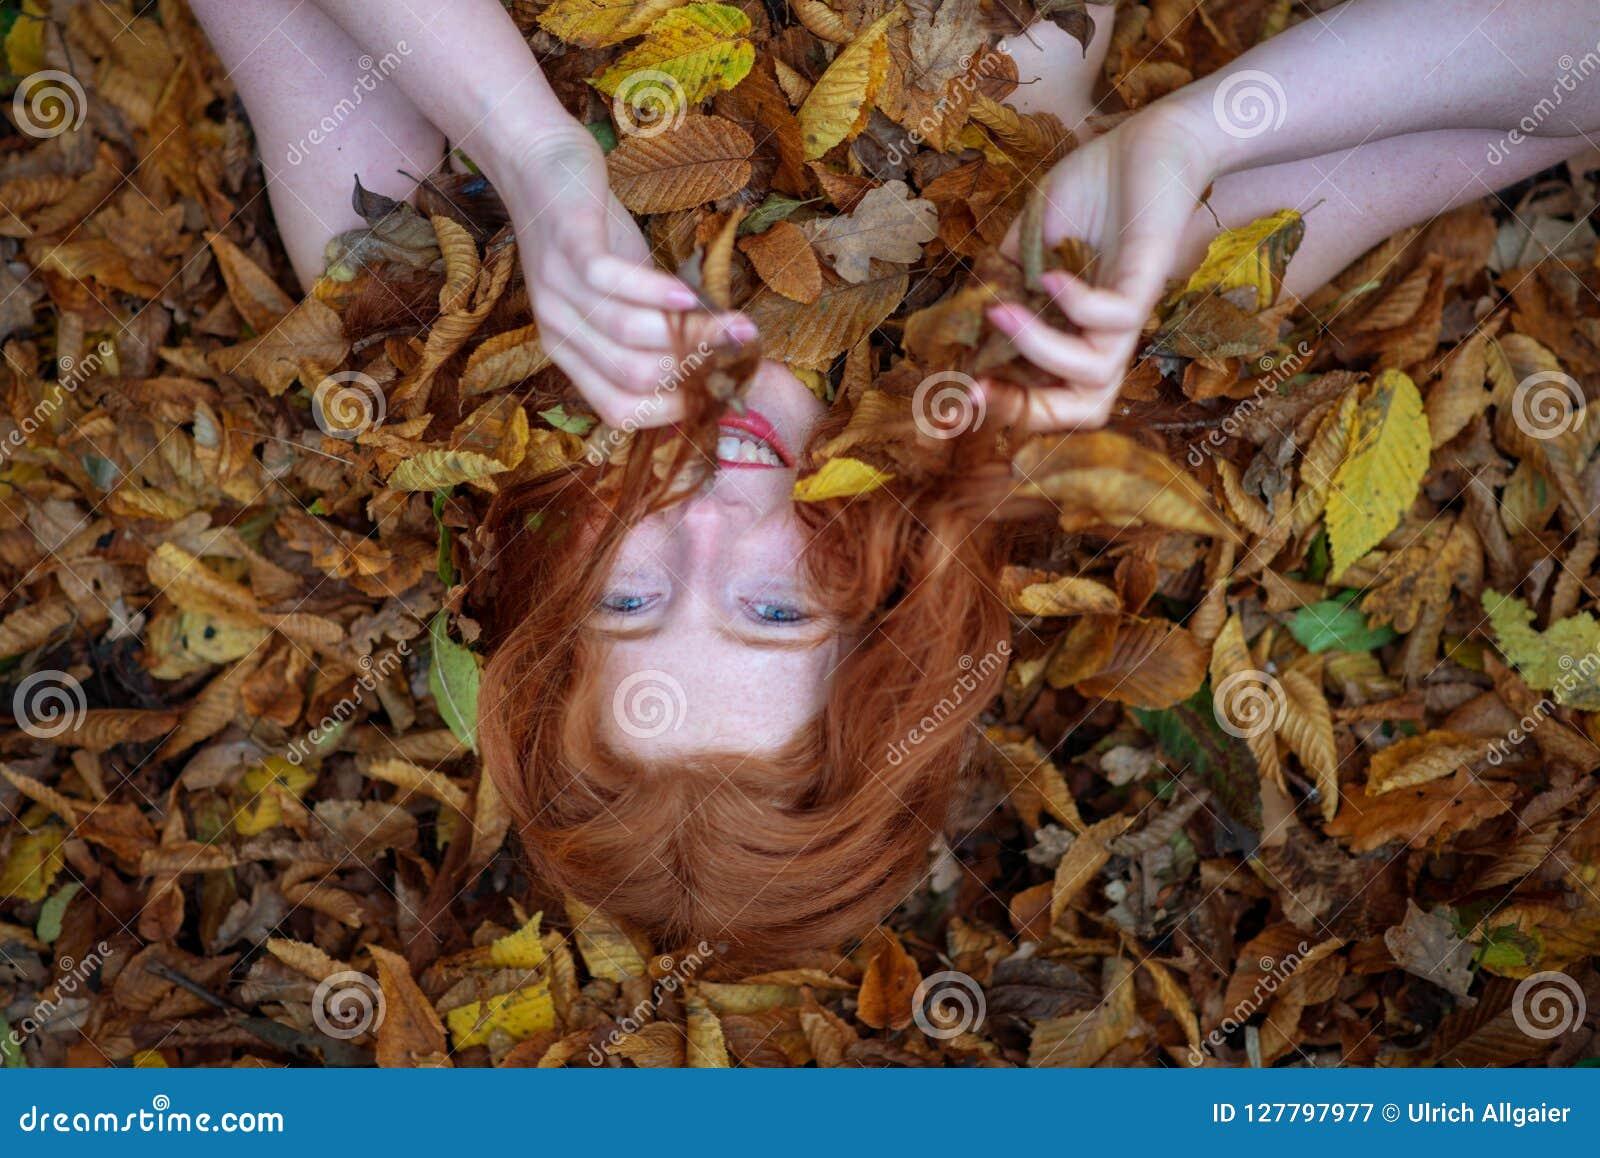 Retrato de una muchacha preciosa joven linda, cubierto con las hojas otoñales rojas y anaranjadas Mujer atractiva hermosa que mie